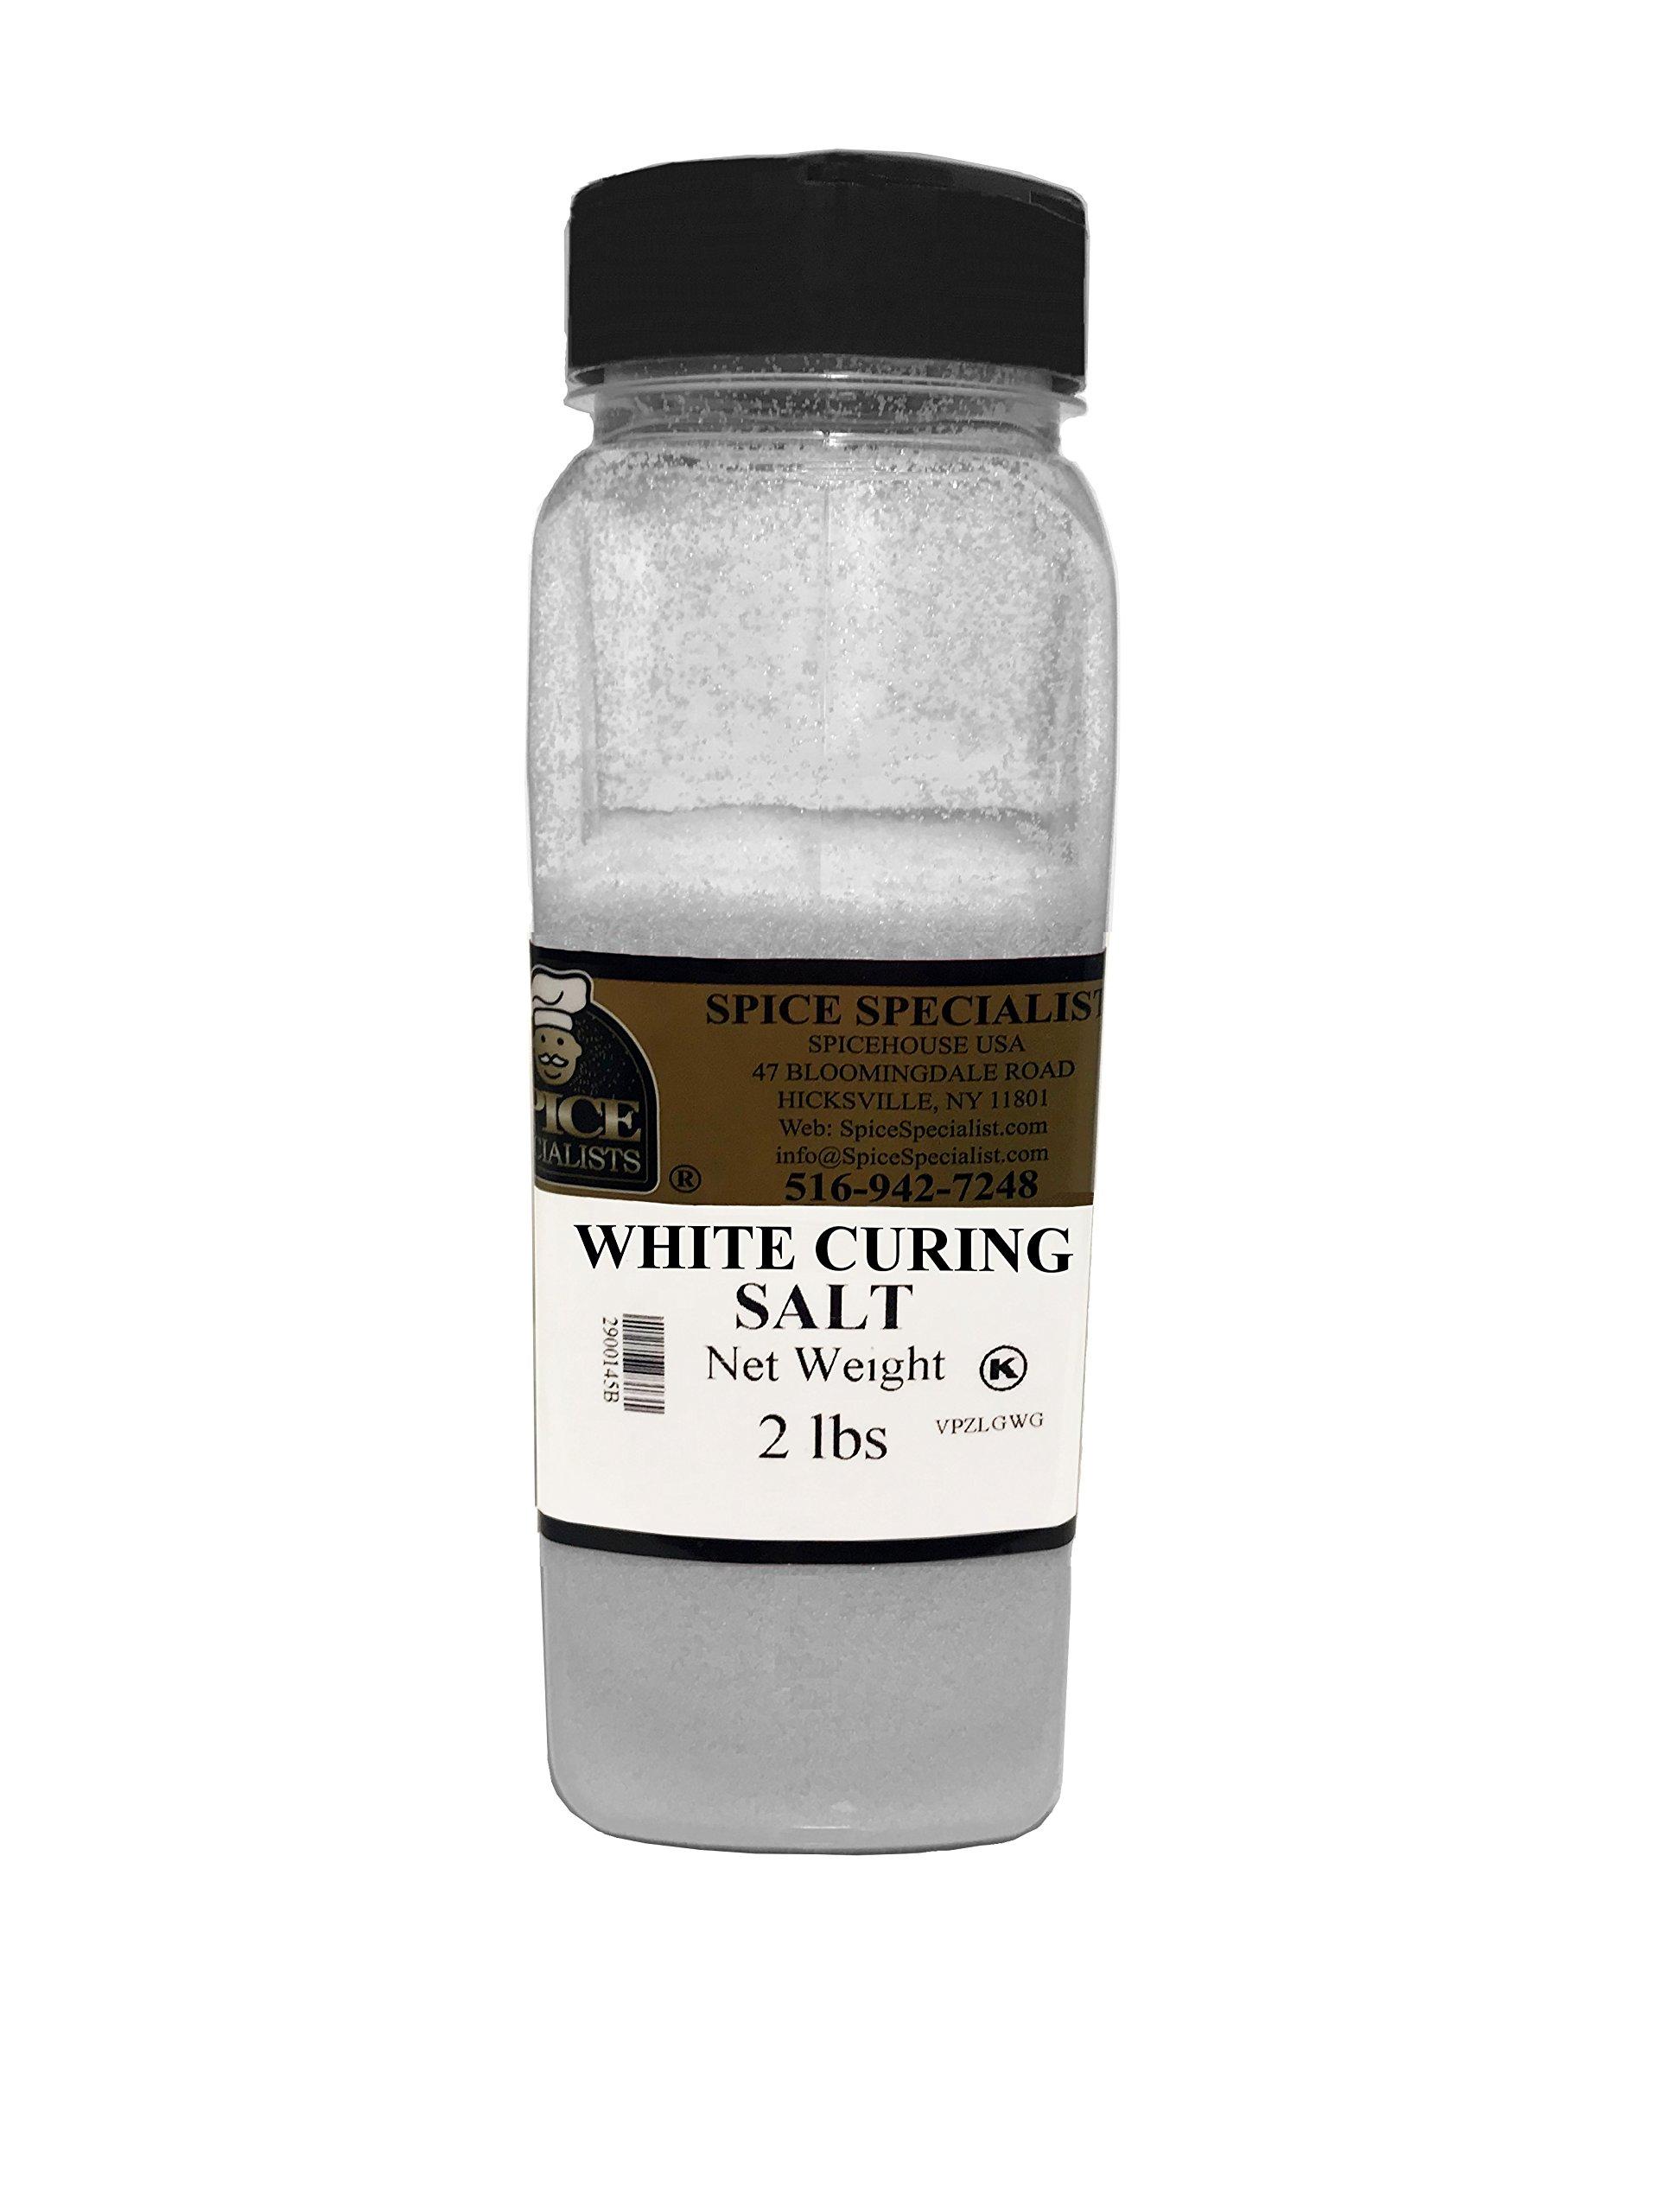 Chef Cherie's White Curing Salt #2 (Pargue Powder #2) - 2 lb